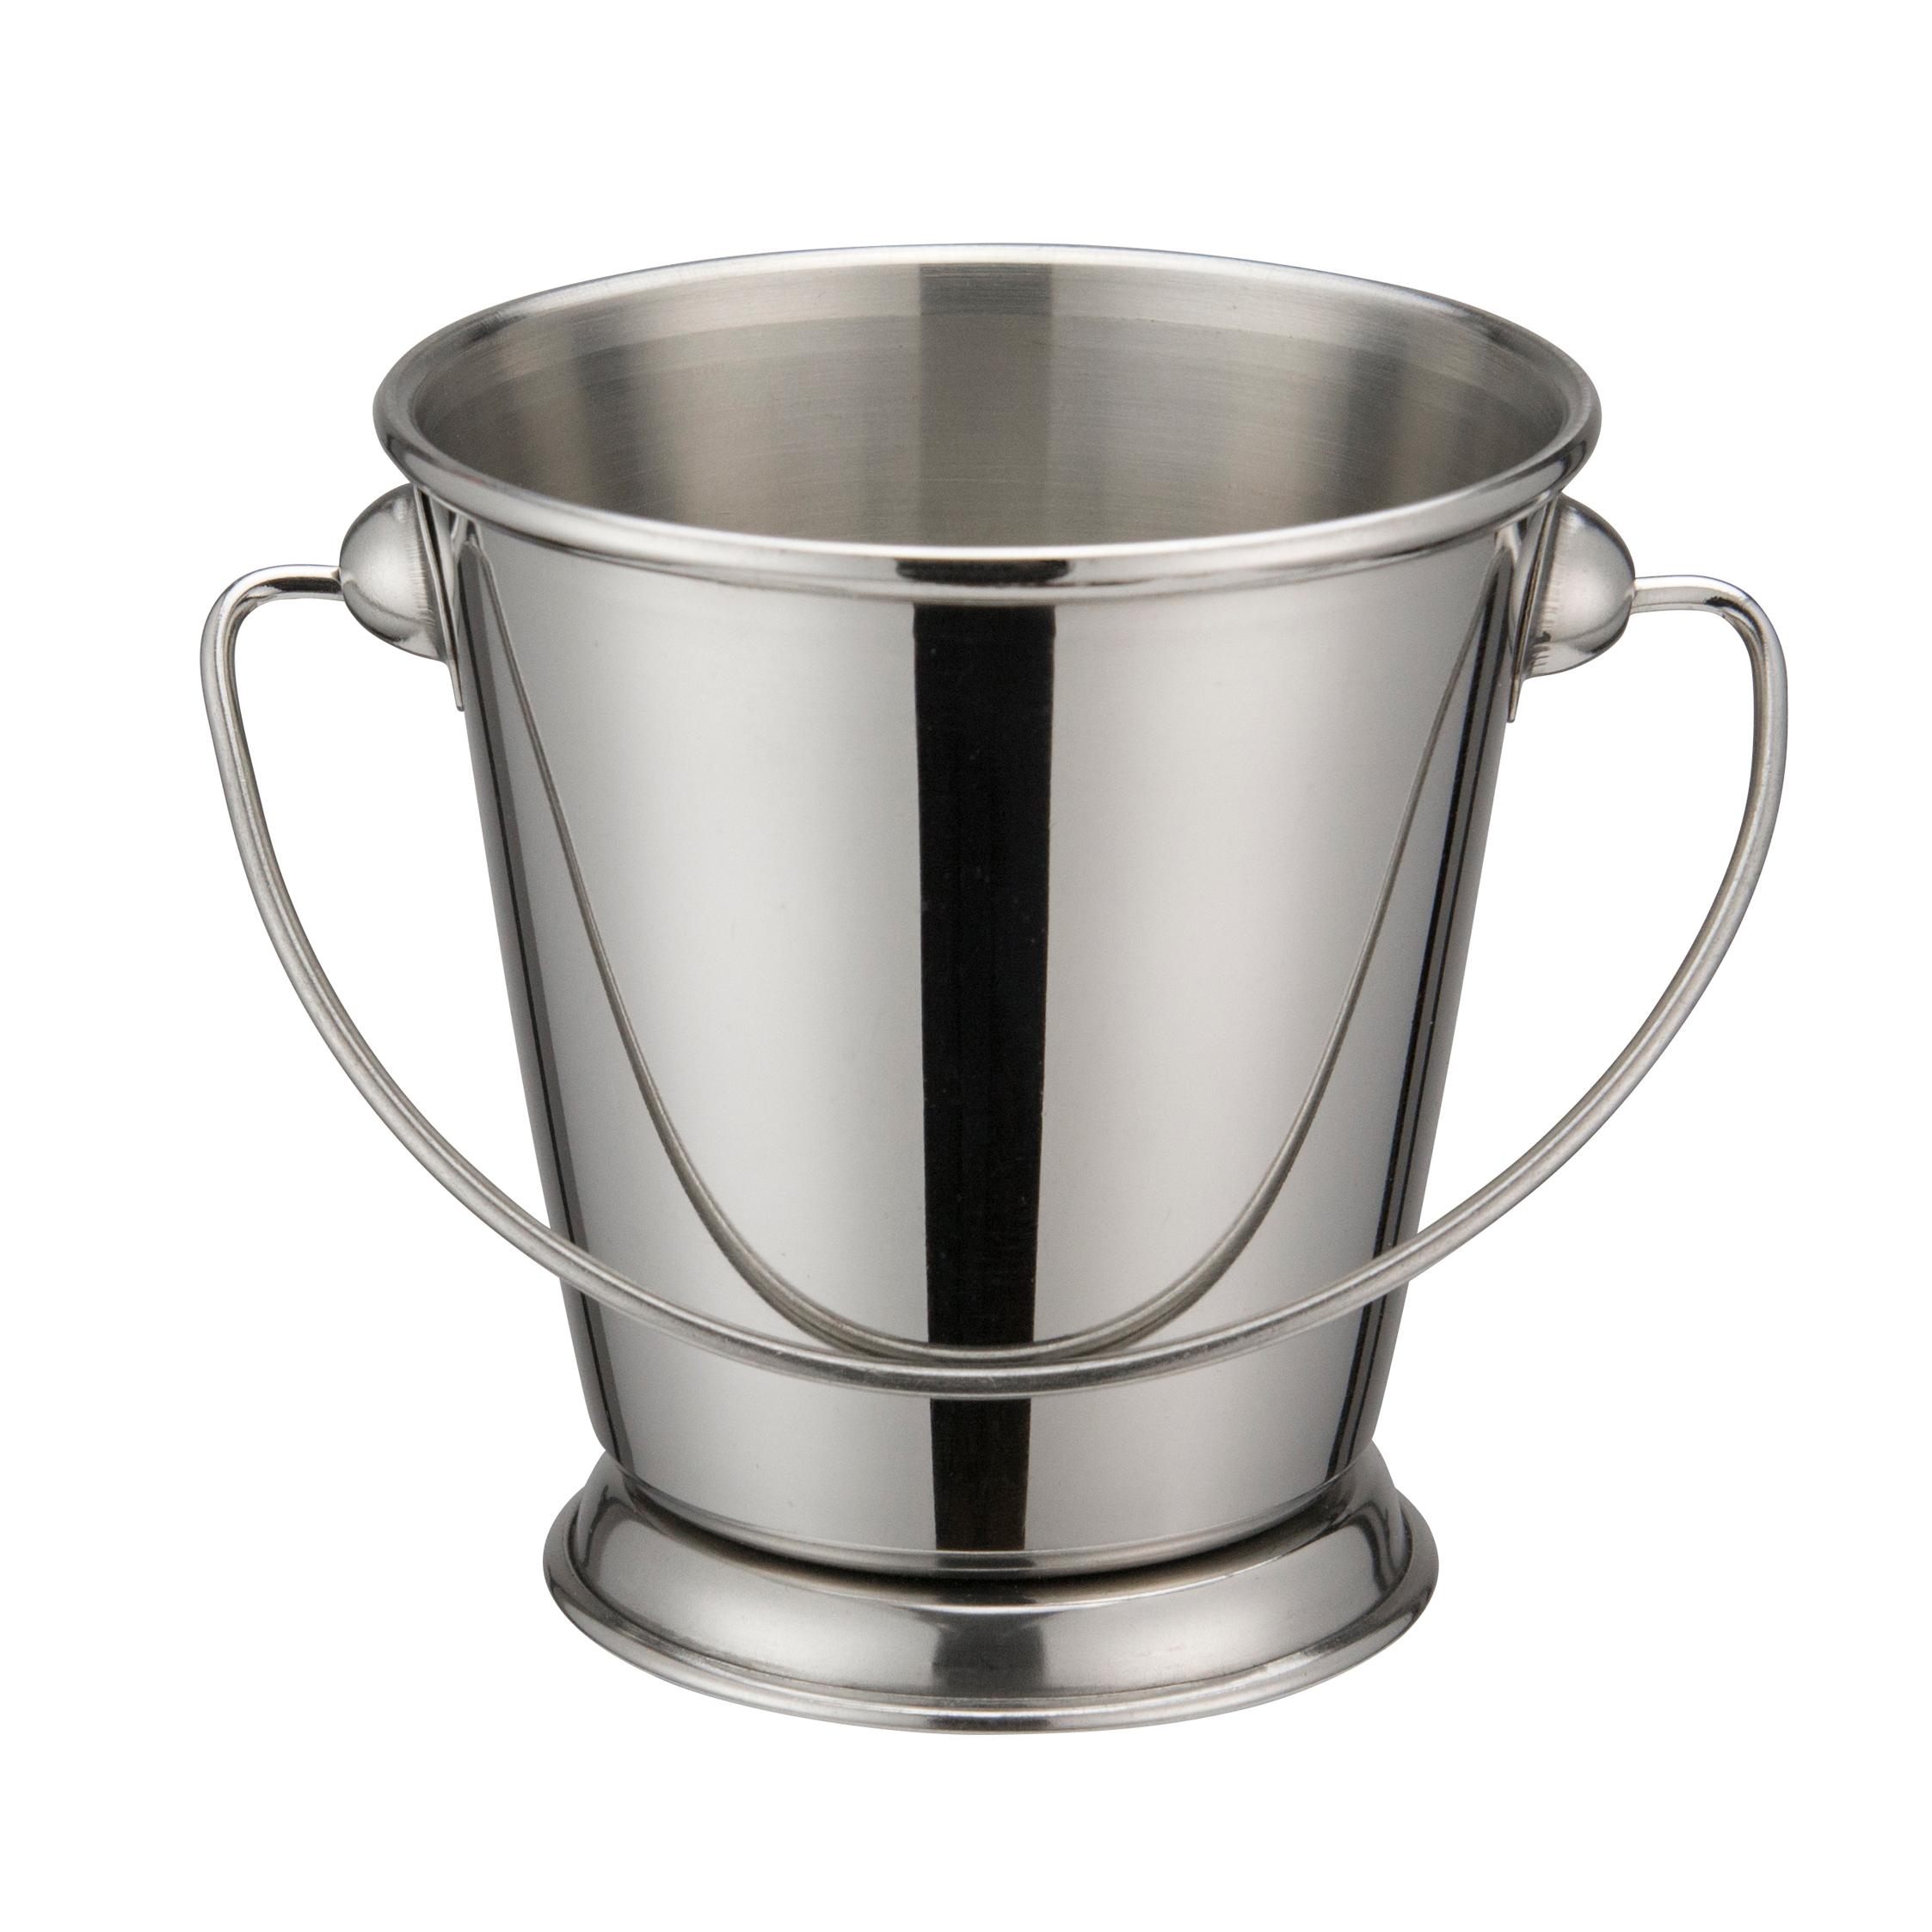 Winco DDSA-105S serving pail